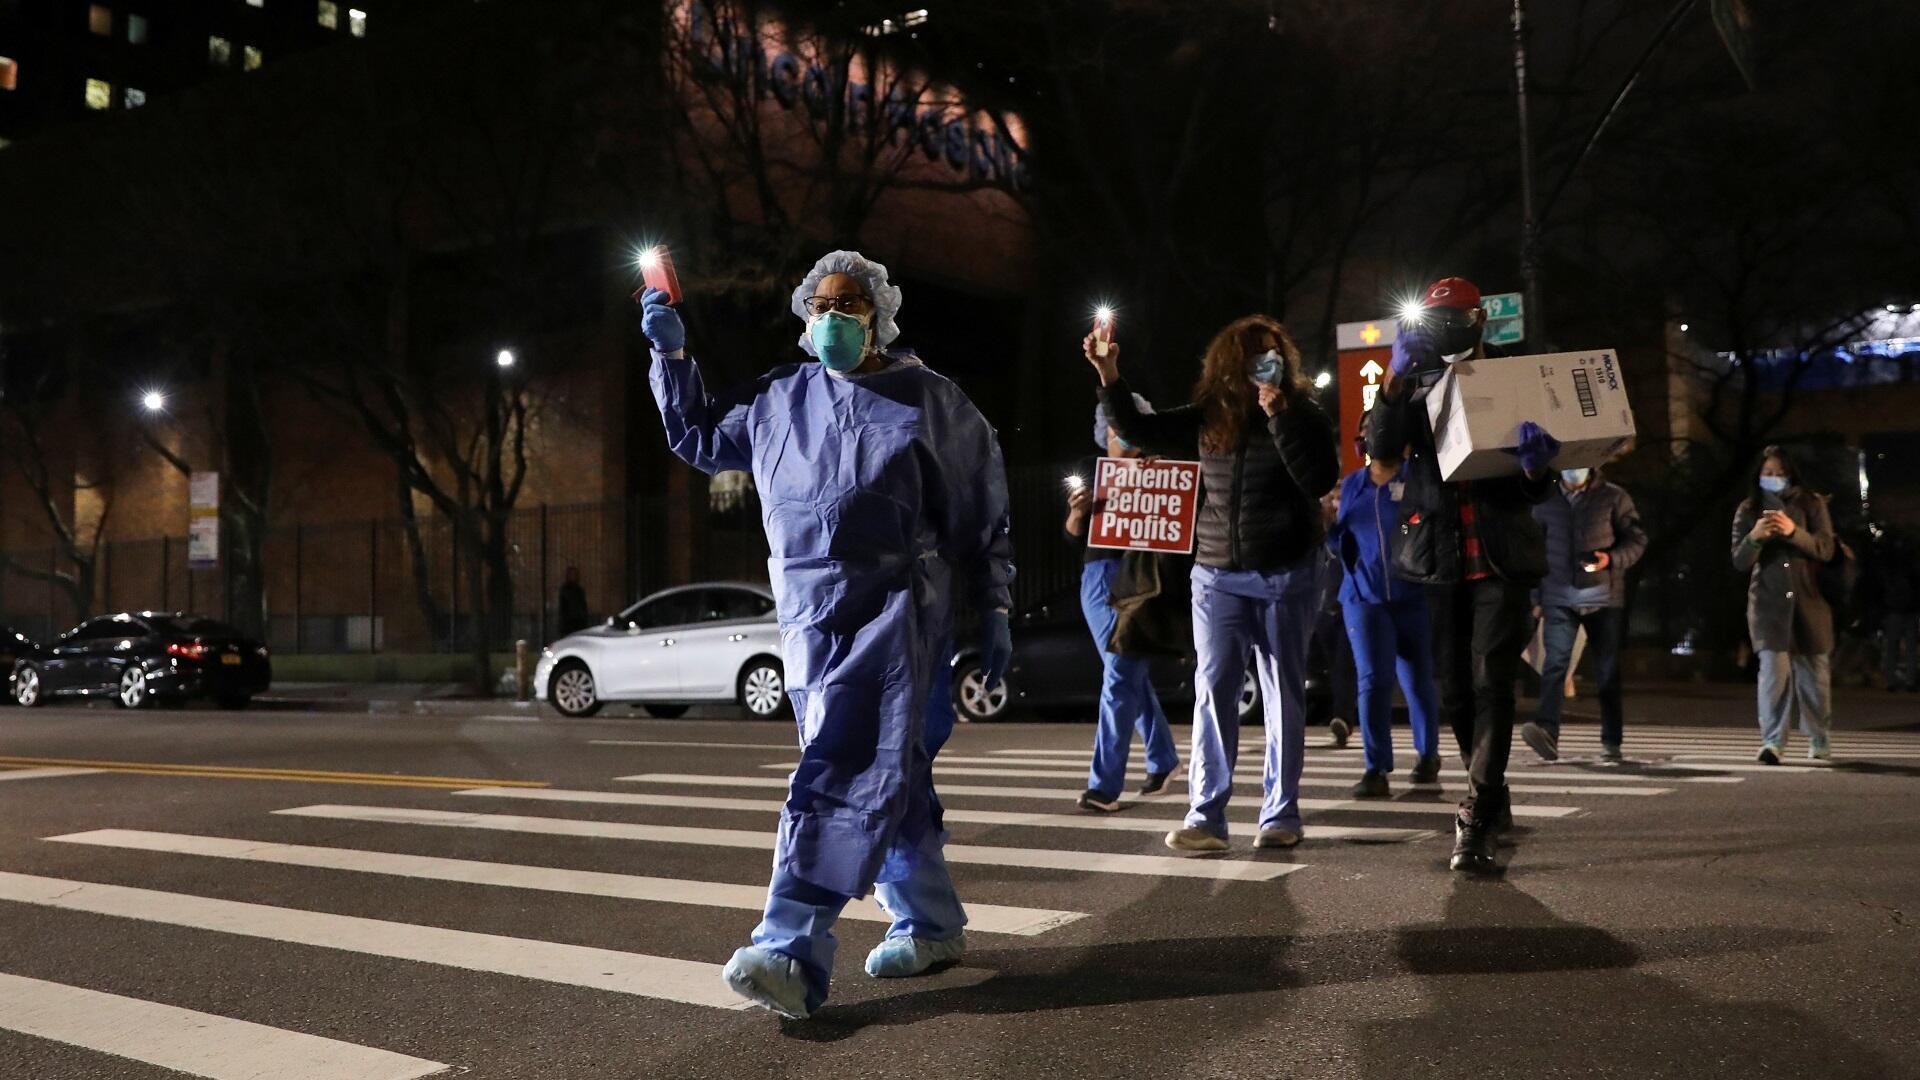 ممرضات وممرضون يتوجهون إلى تجمع لإضاءة الشموع بنيويورك تكريما للعاملين في القطاع الصحي خلال انتشار فيروس كورونا، 14 أبريل/نيسان 2020.